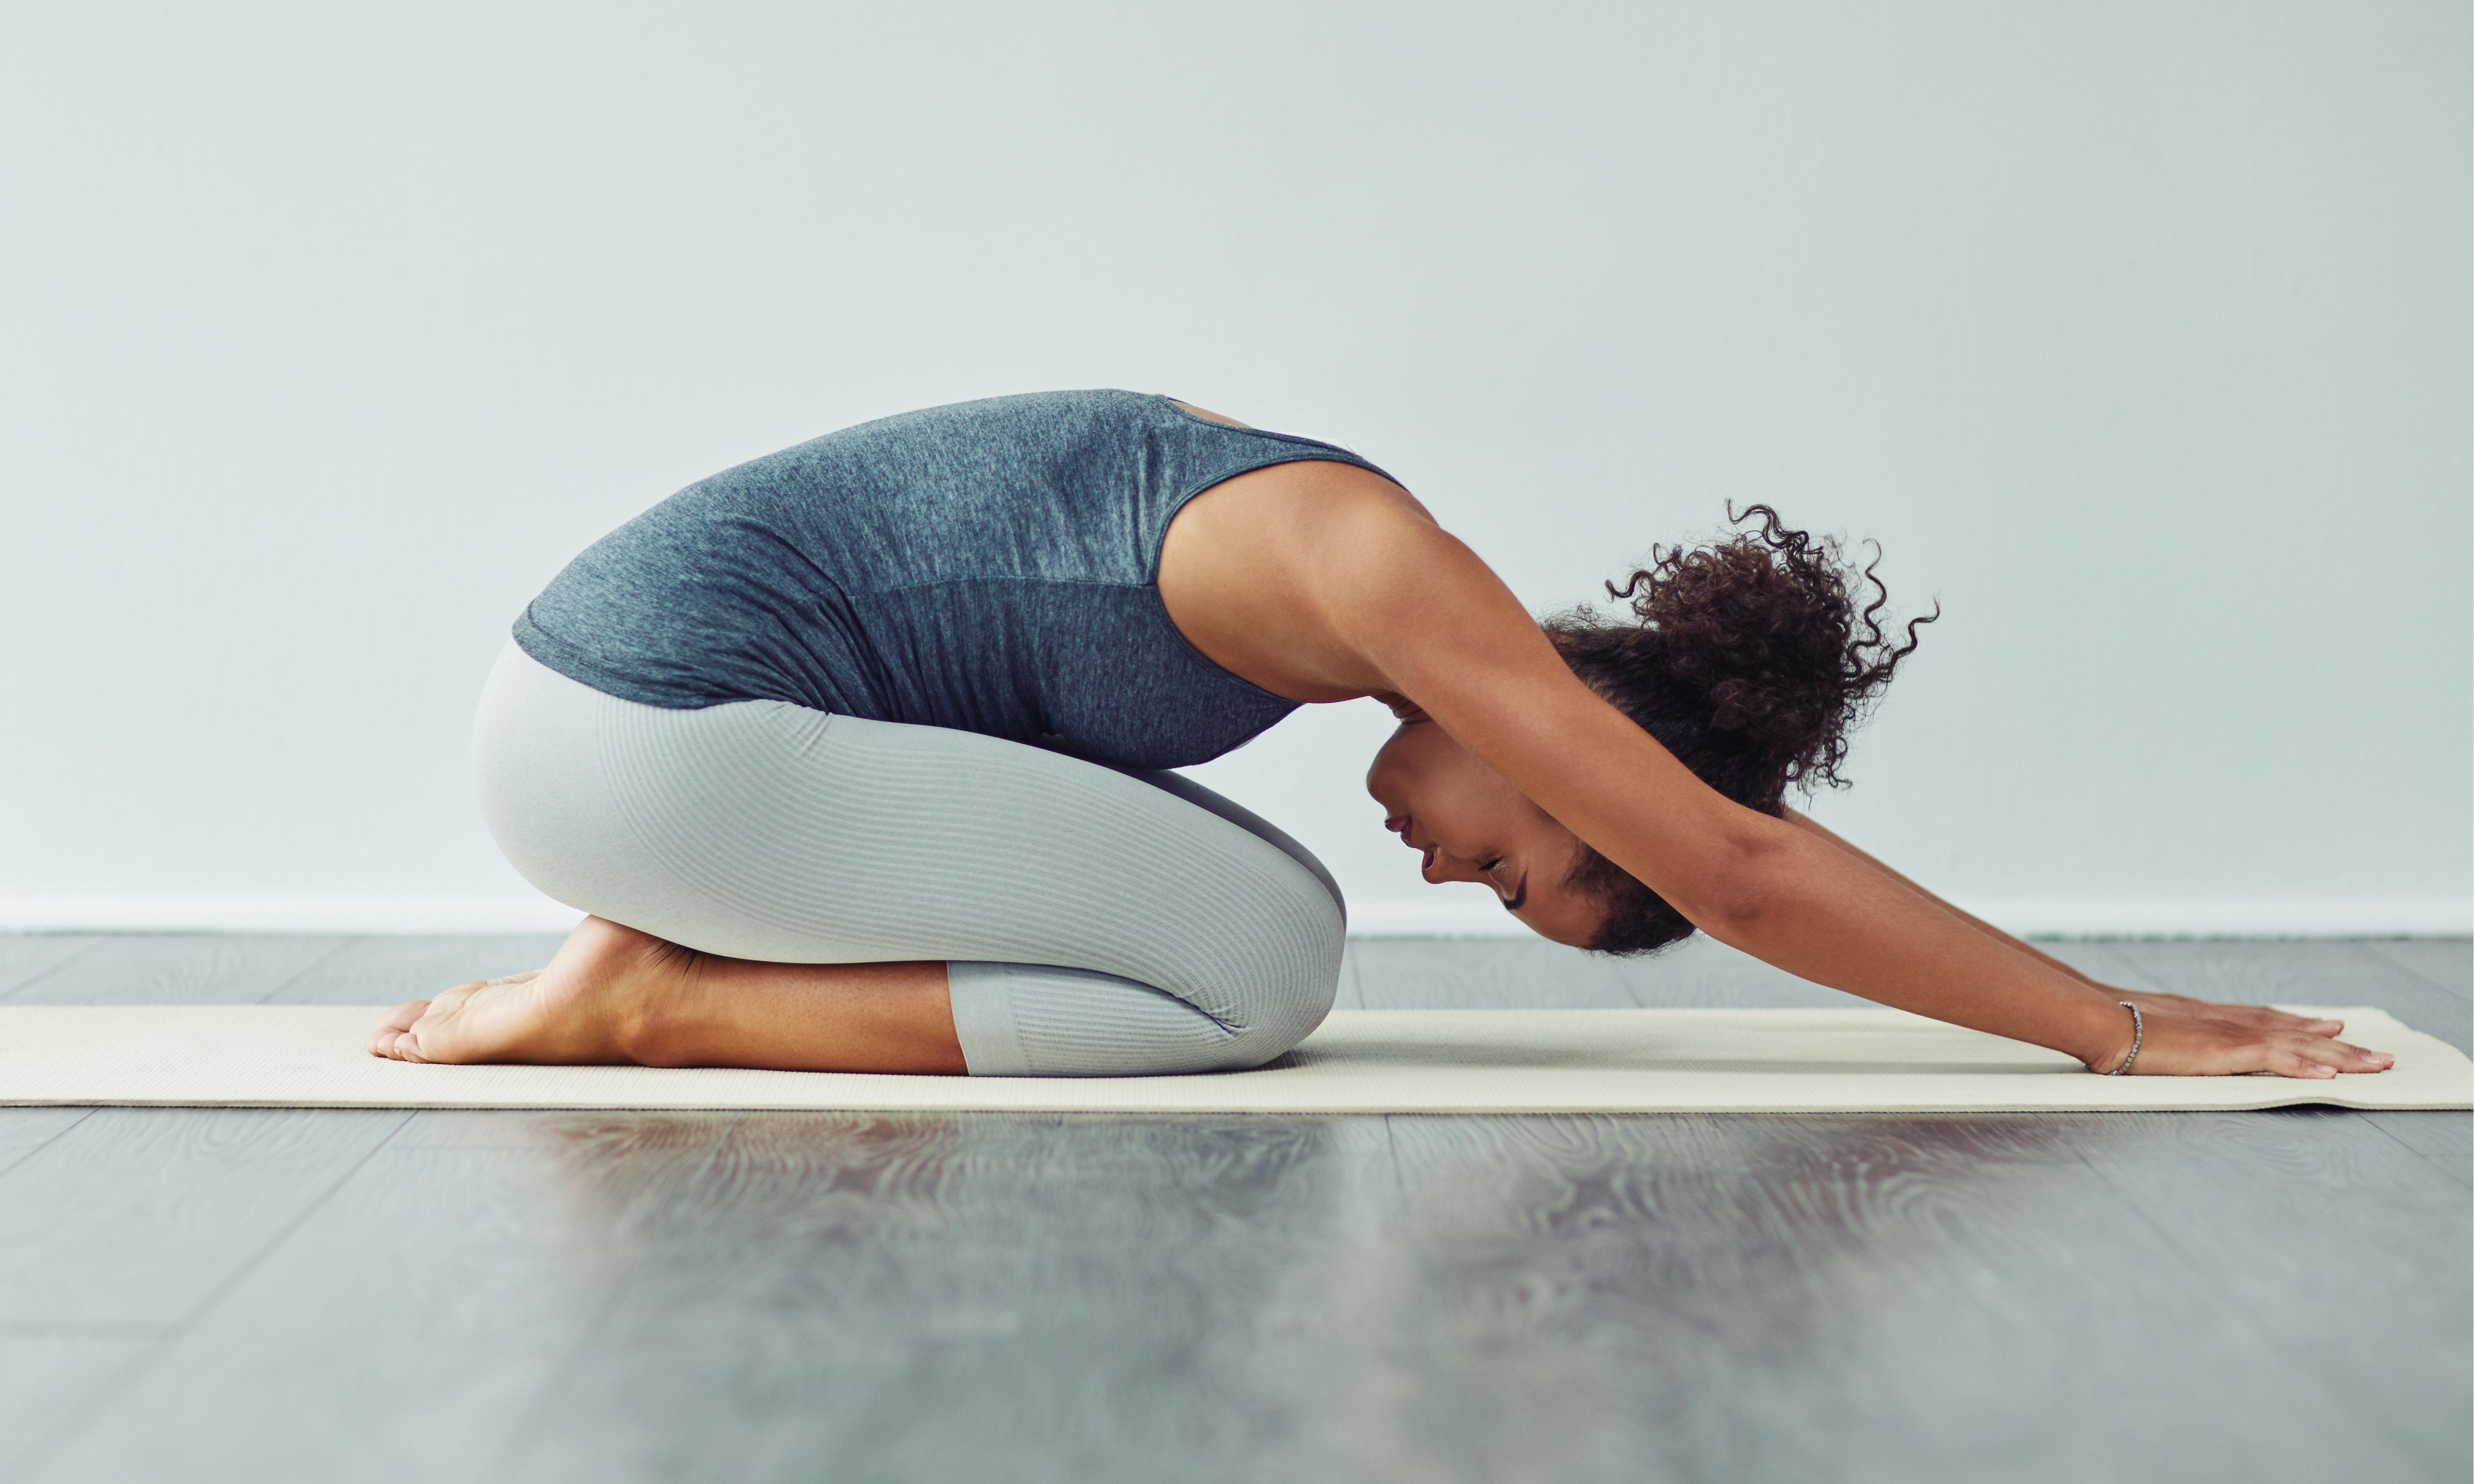 Йога для беременных во 2 триместре: польза, правила безопасных занятий, позы и противопоказания